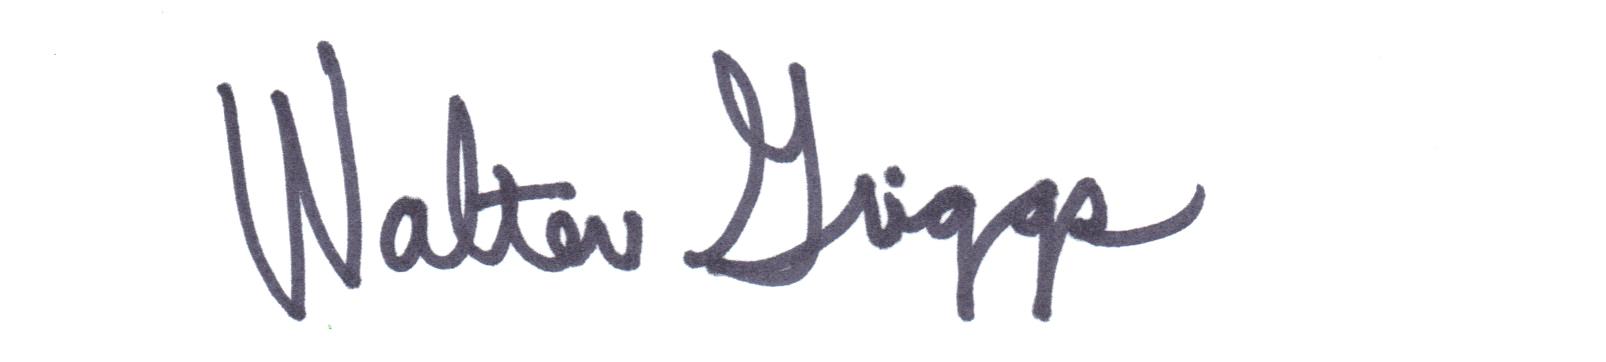 Walter Griggs's Signature